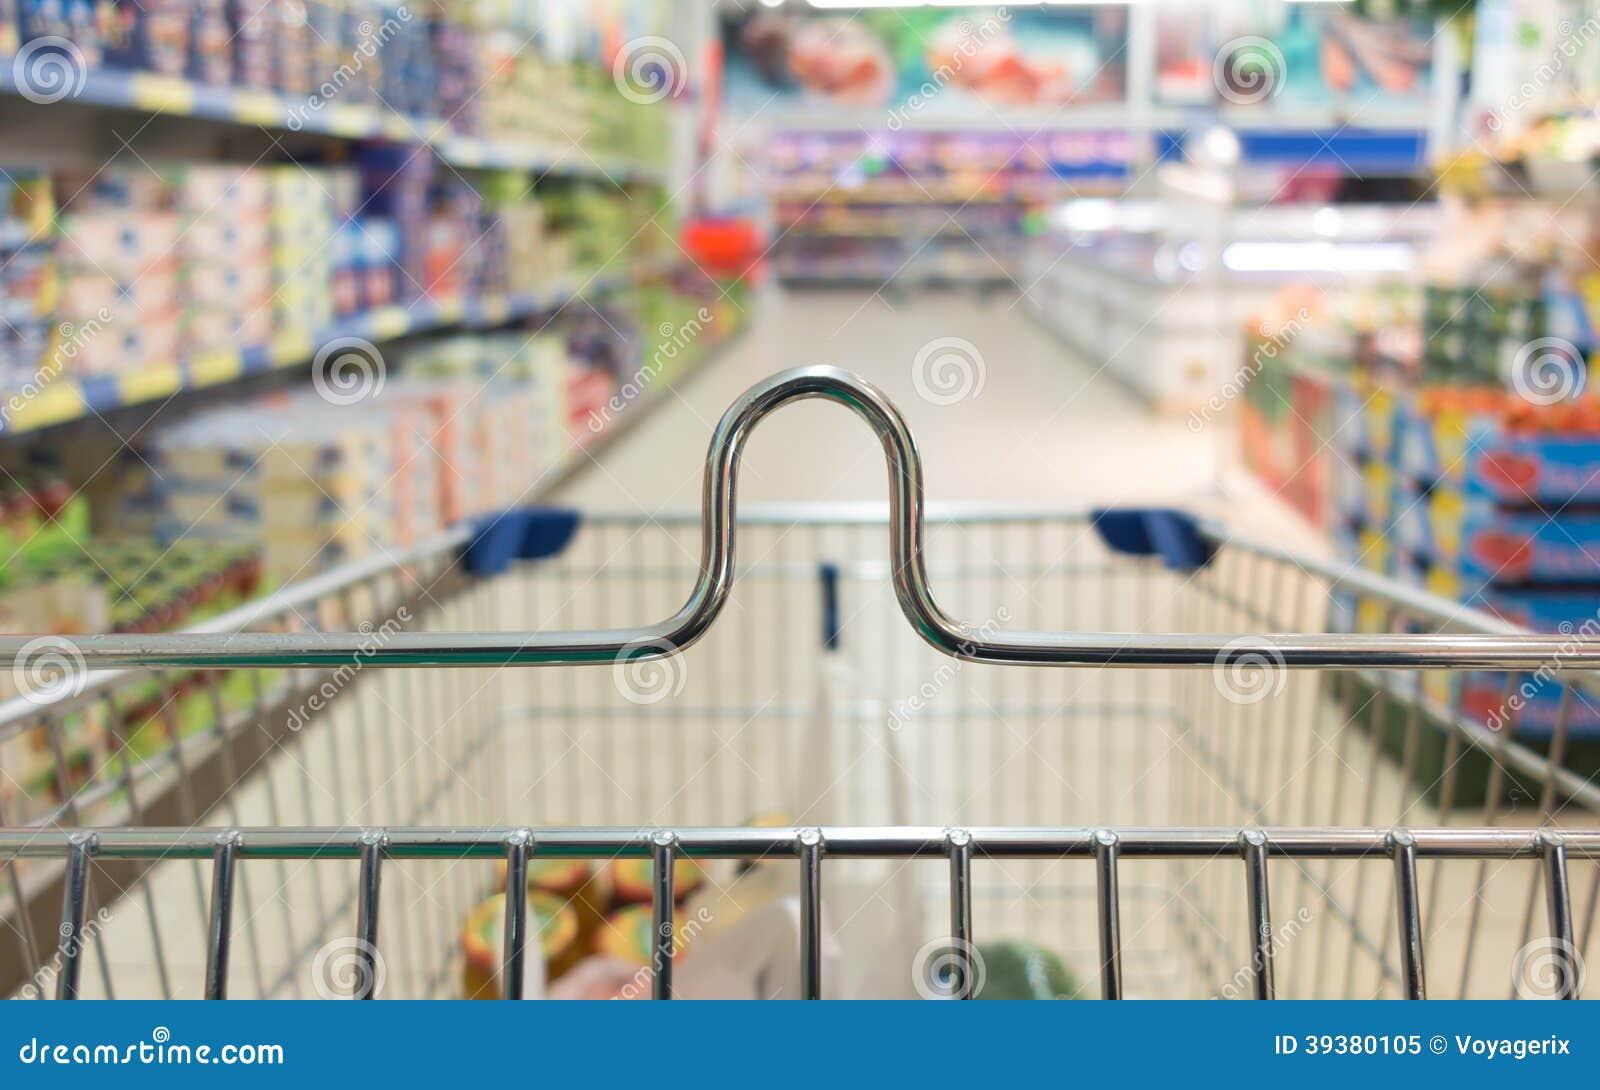 Взгляд от вагонетки магазинной тележкаи на магазине супермаркета. Розница.